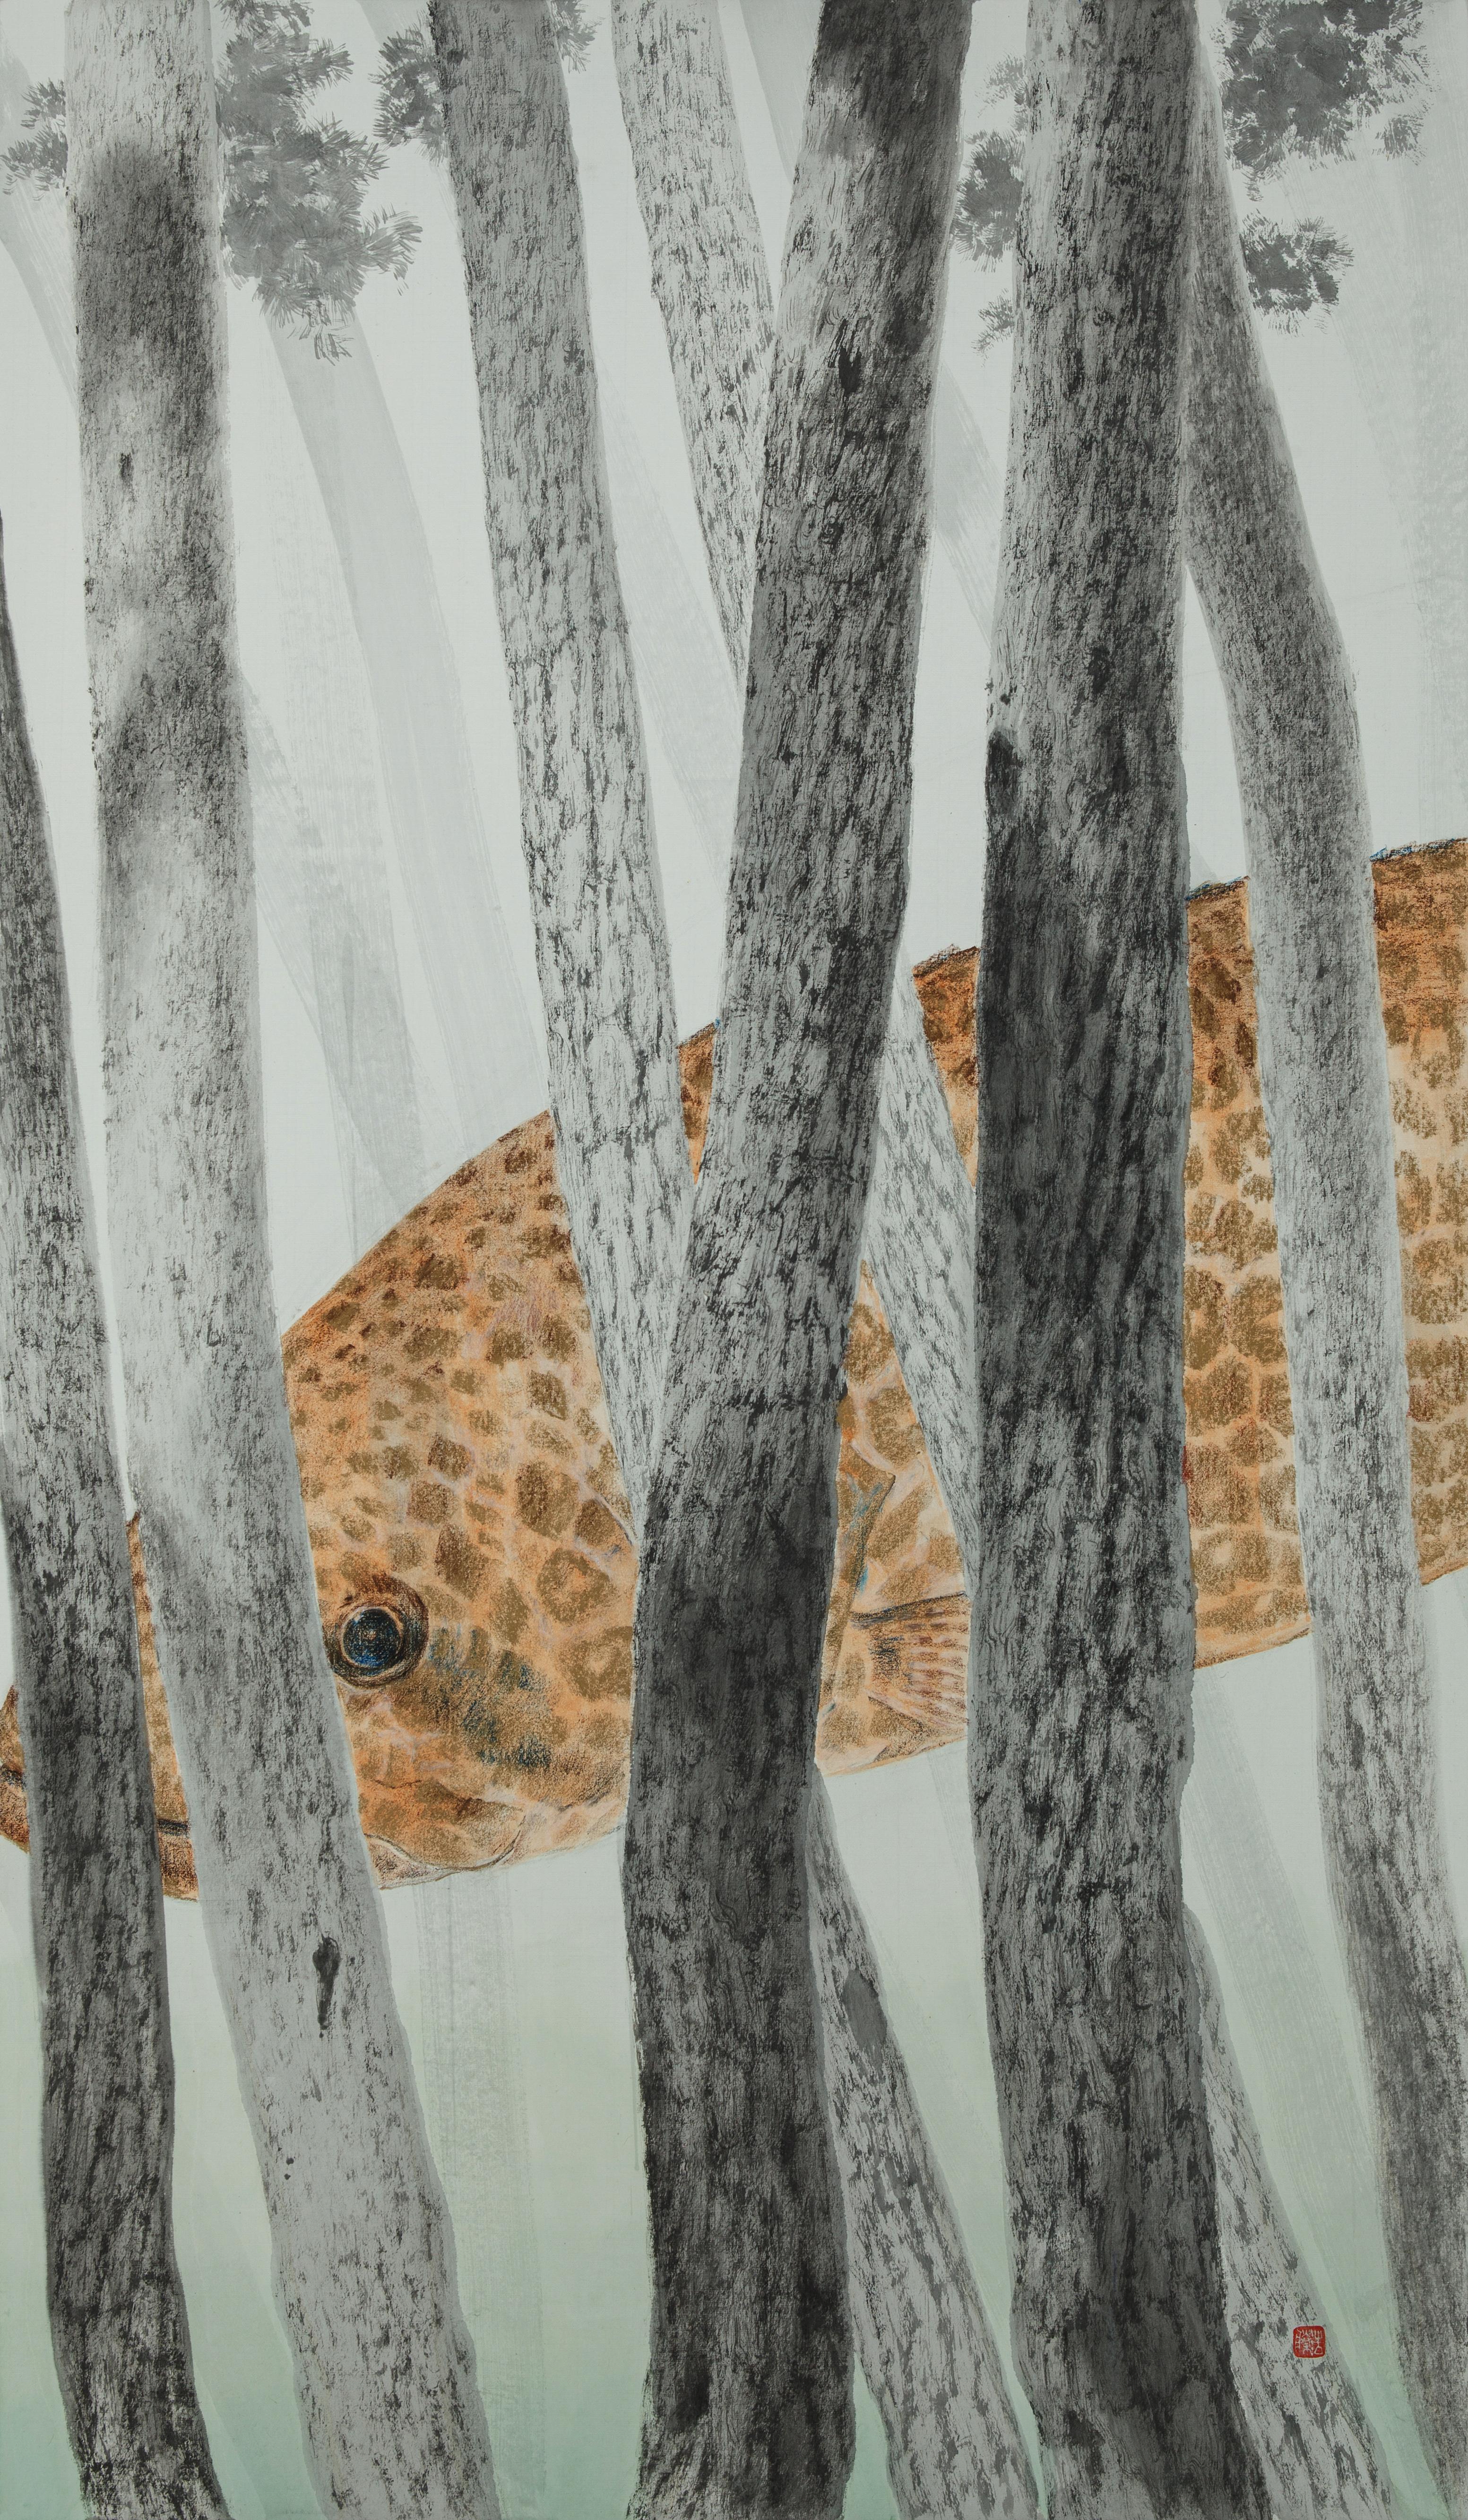 그 숲에는 쏘가리가 산다, 117 x 68 cm, 종이에 먹 토분 크레용